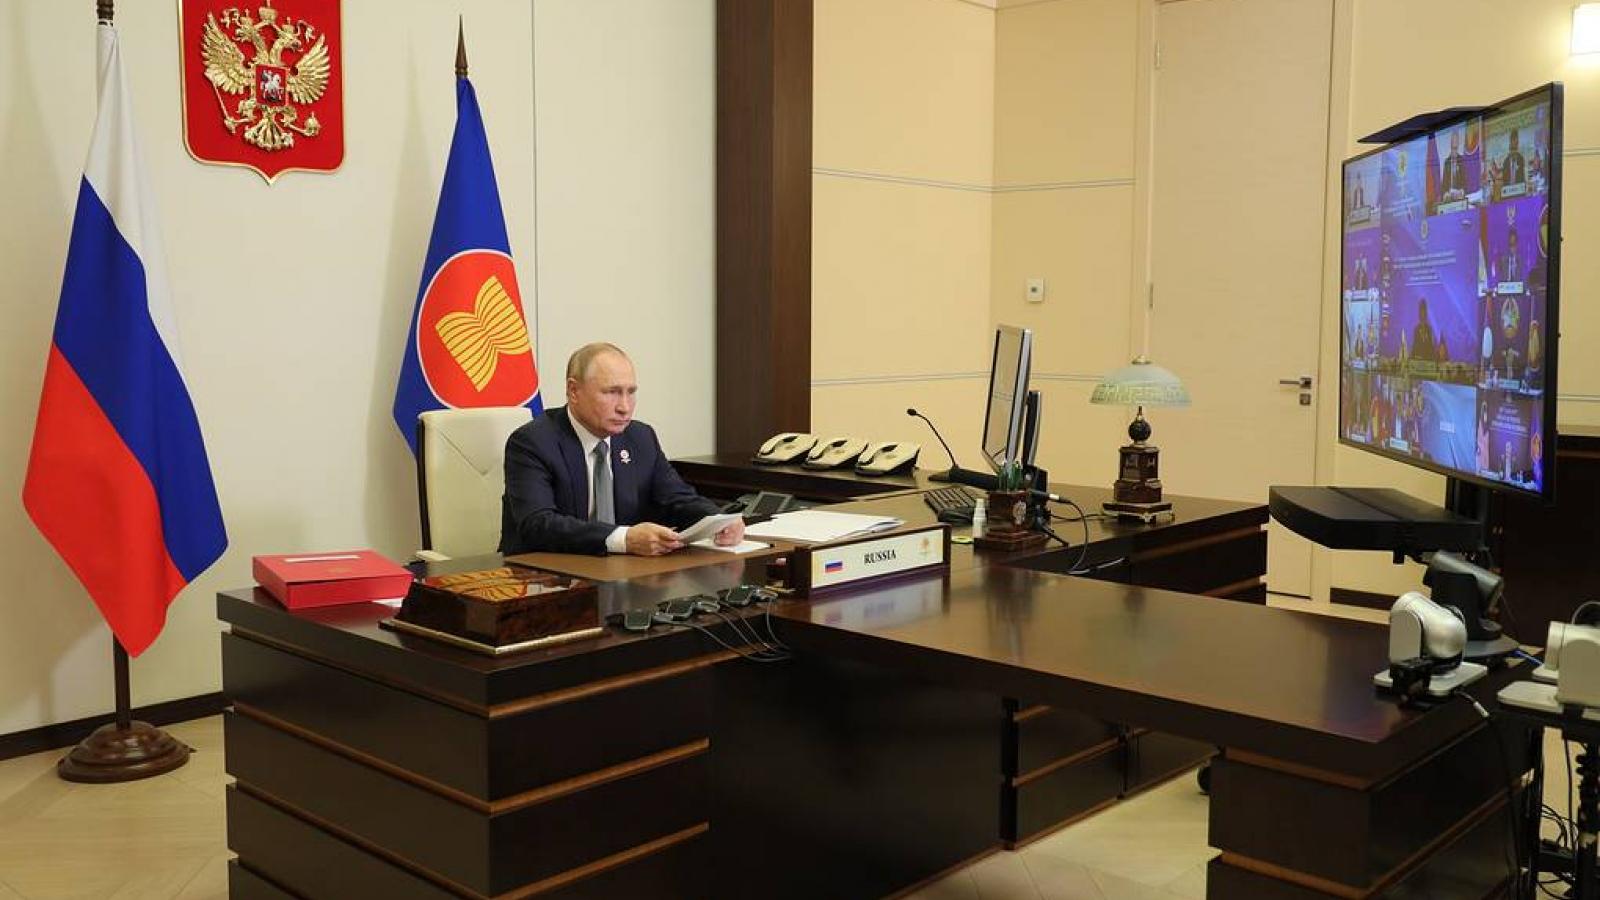 Tăng cường hợp tác giữa Nga và ASEAN trong tình hình mới